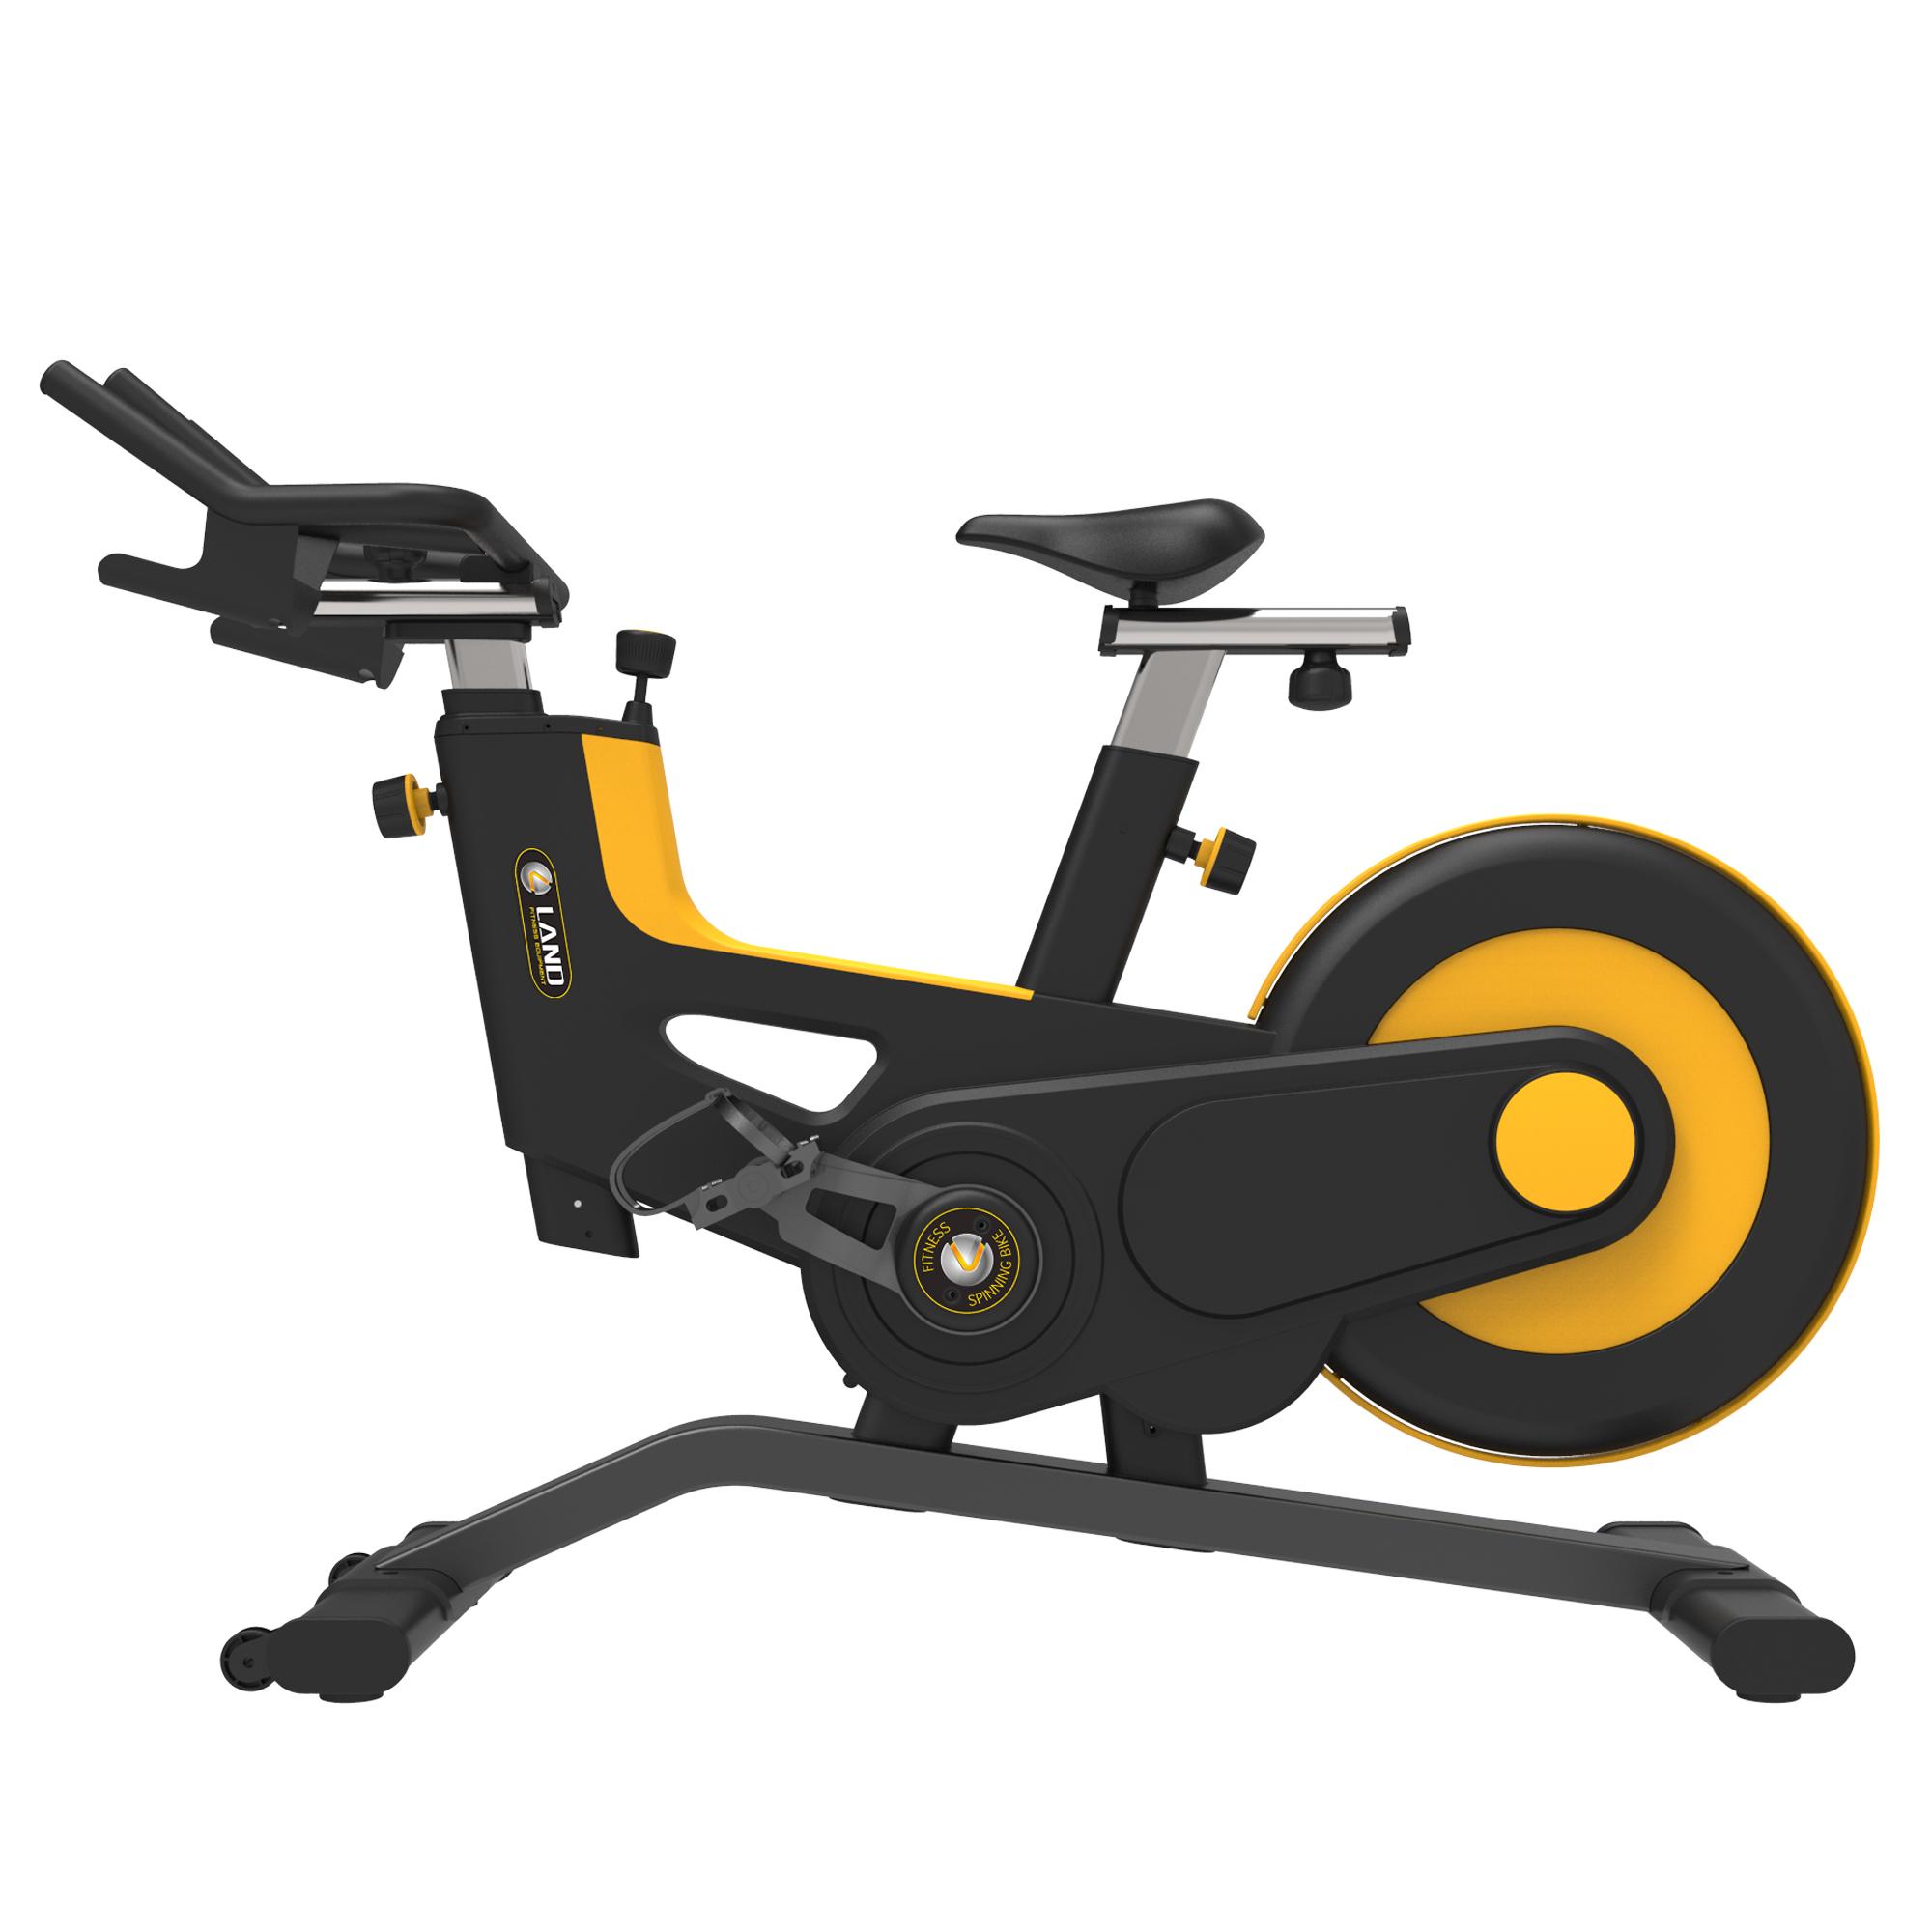 Новый спиннинг велосипед для тренажерного зала Супер Бесшумный Пояс Велотренажер для тренажерного зала спиннинг велосипеды